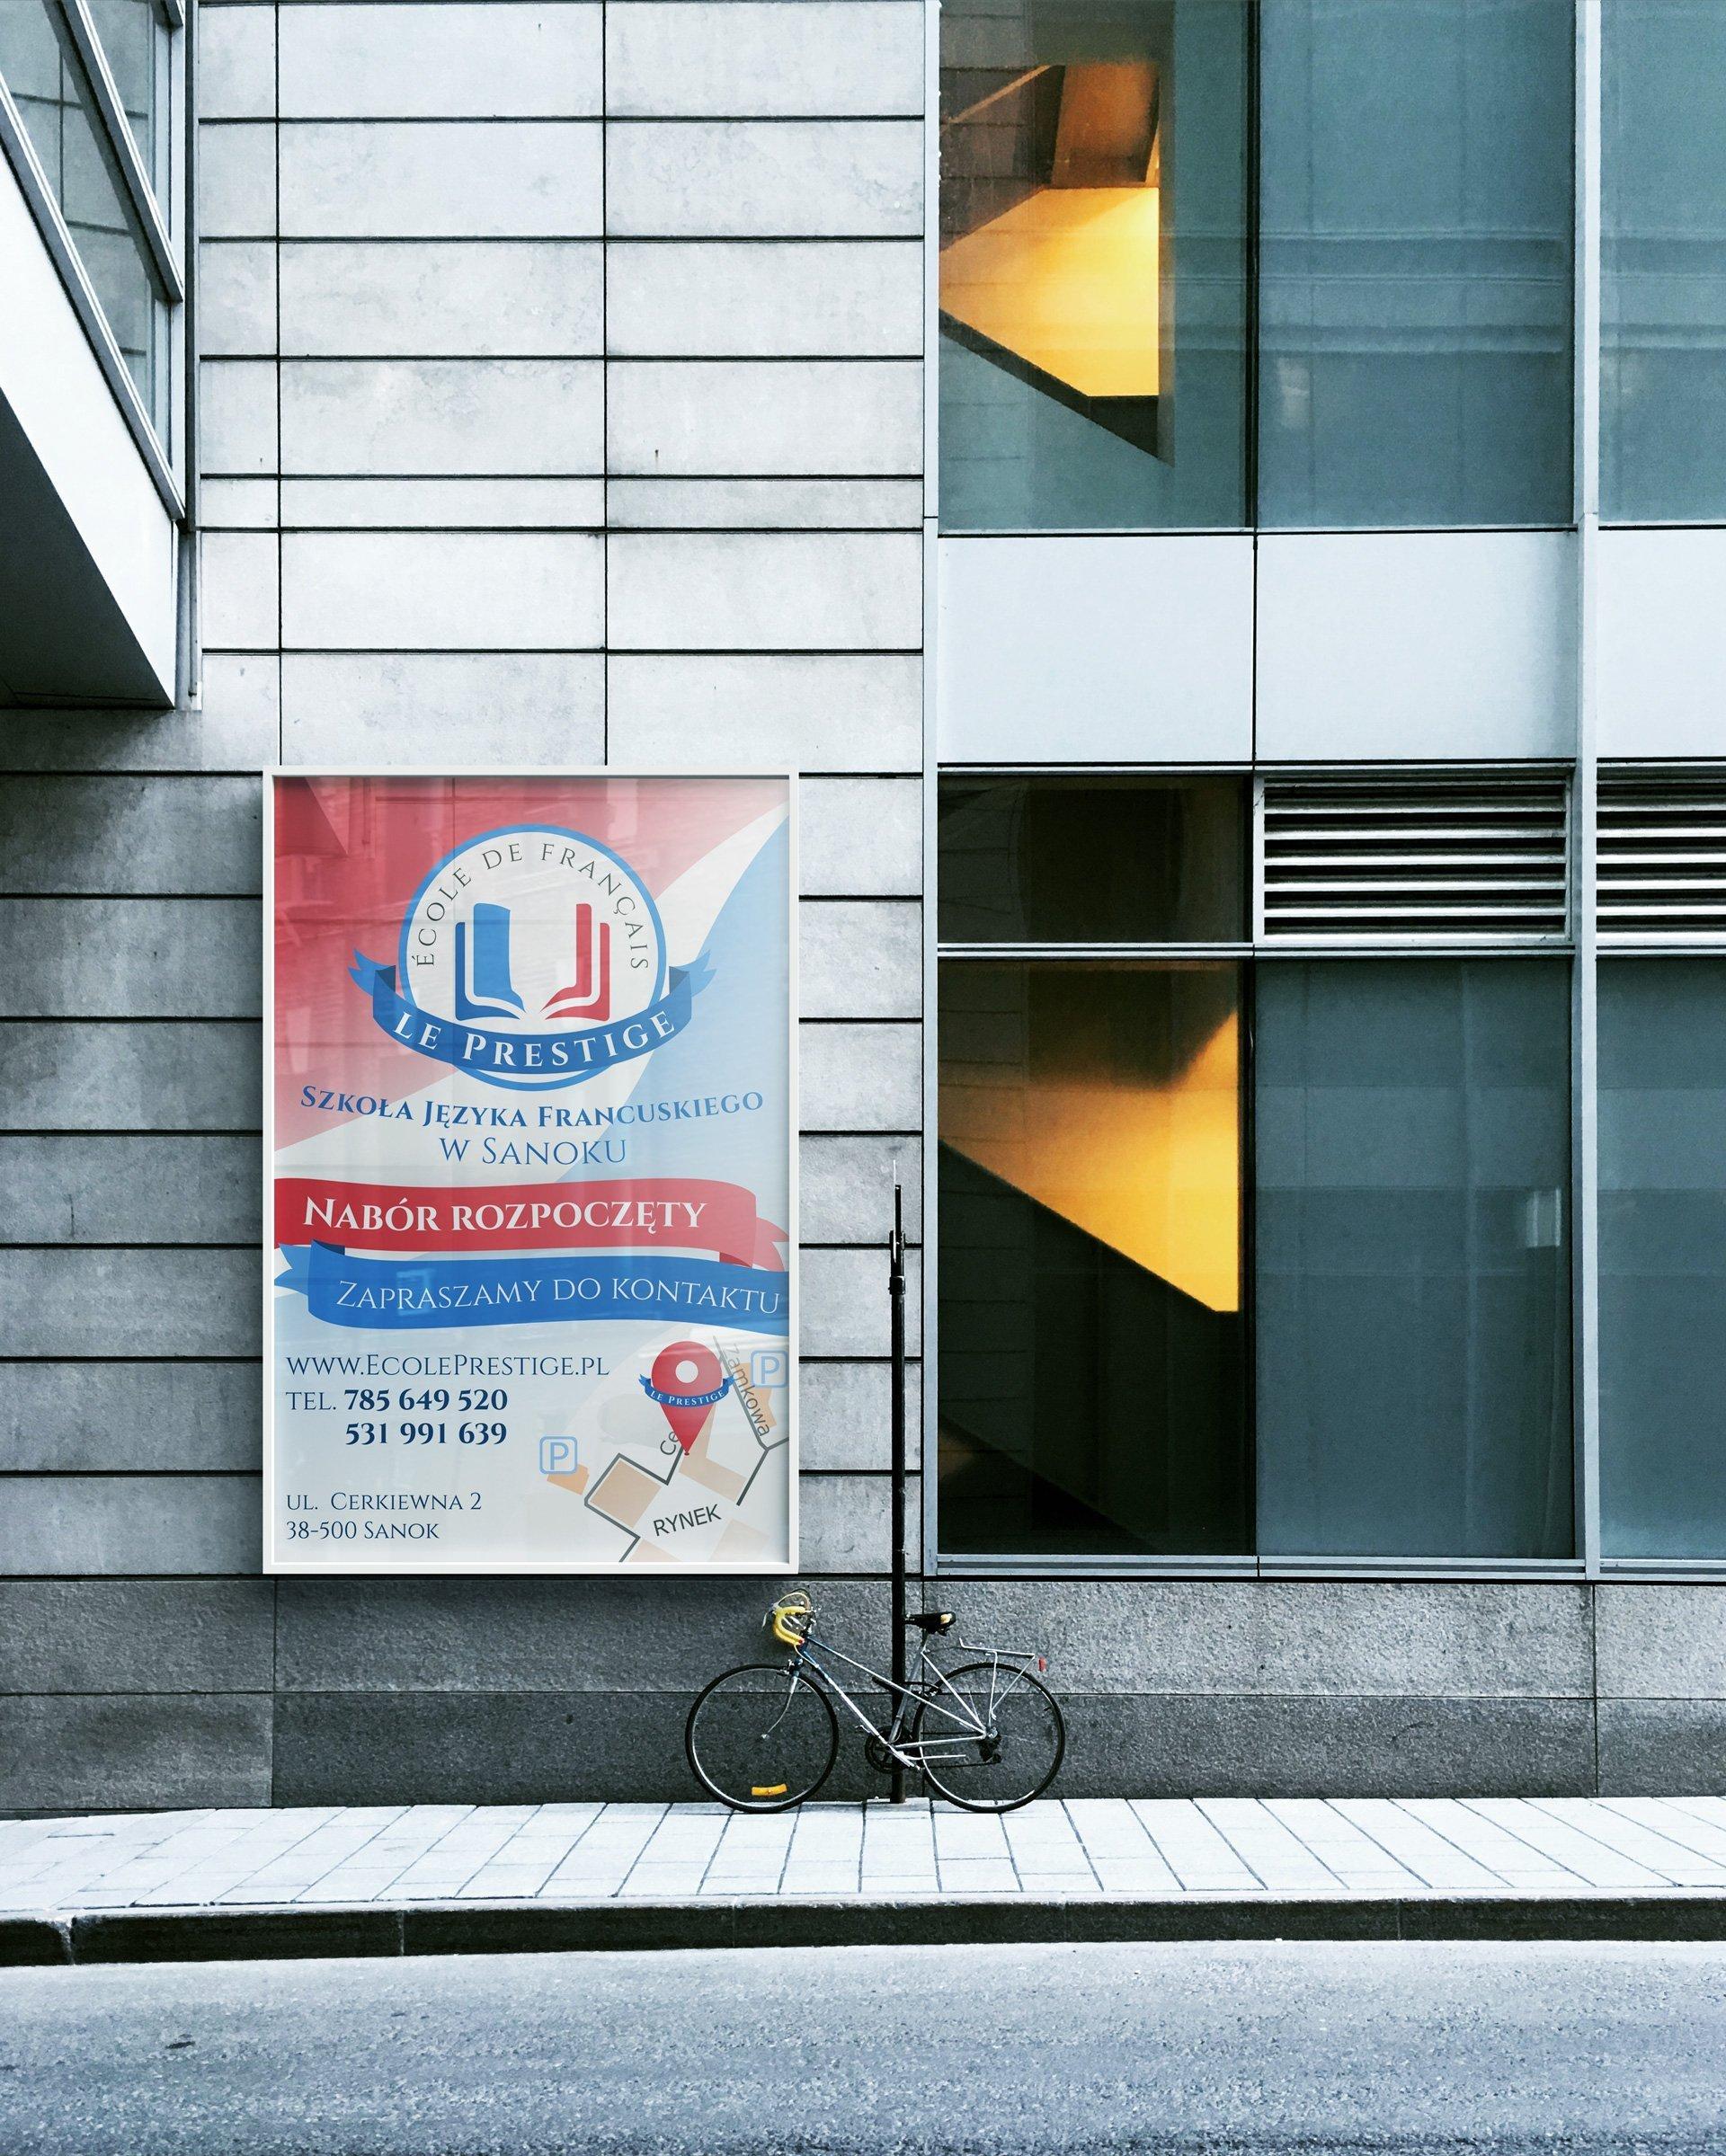 Wizualizacja prezentacji plakatu Szkoły Le Prestige (by BBIG.PL)